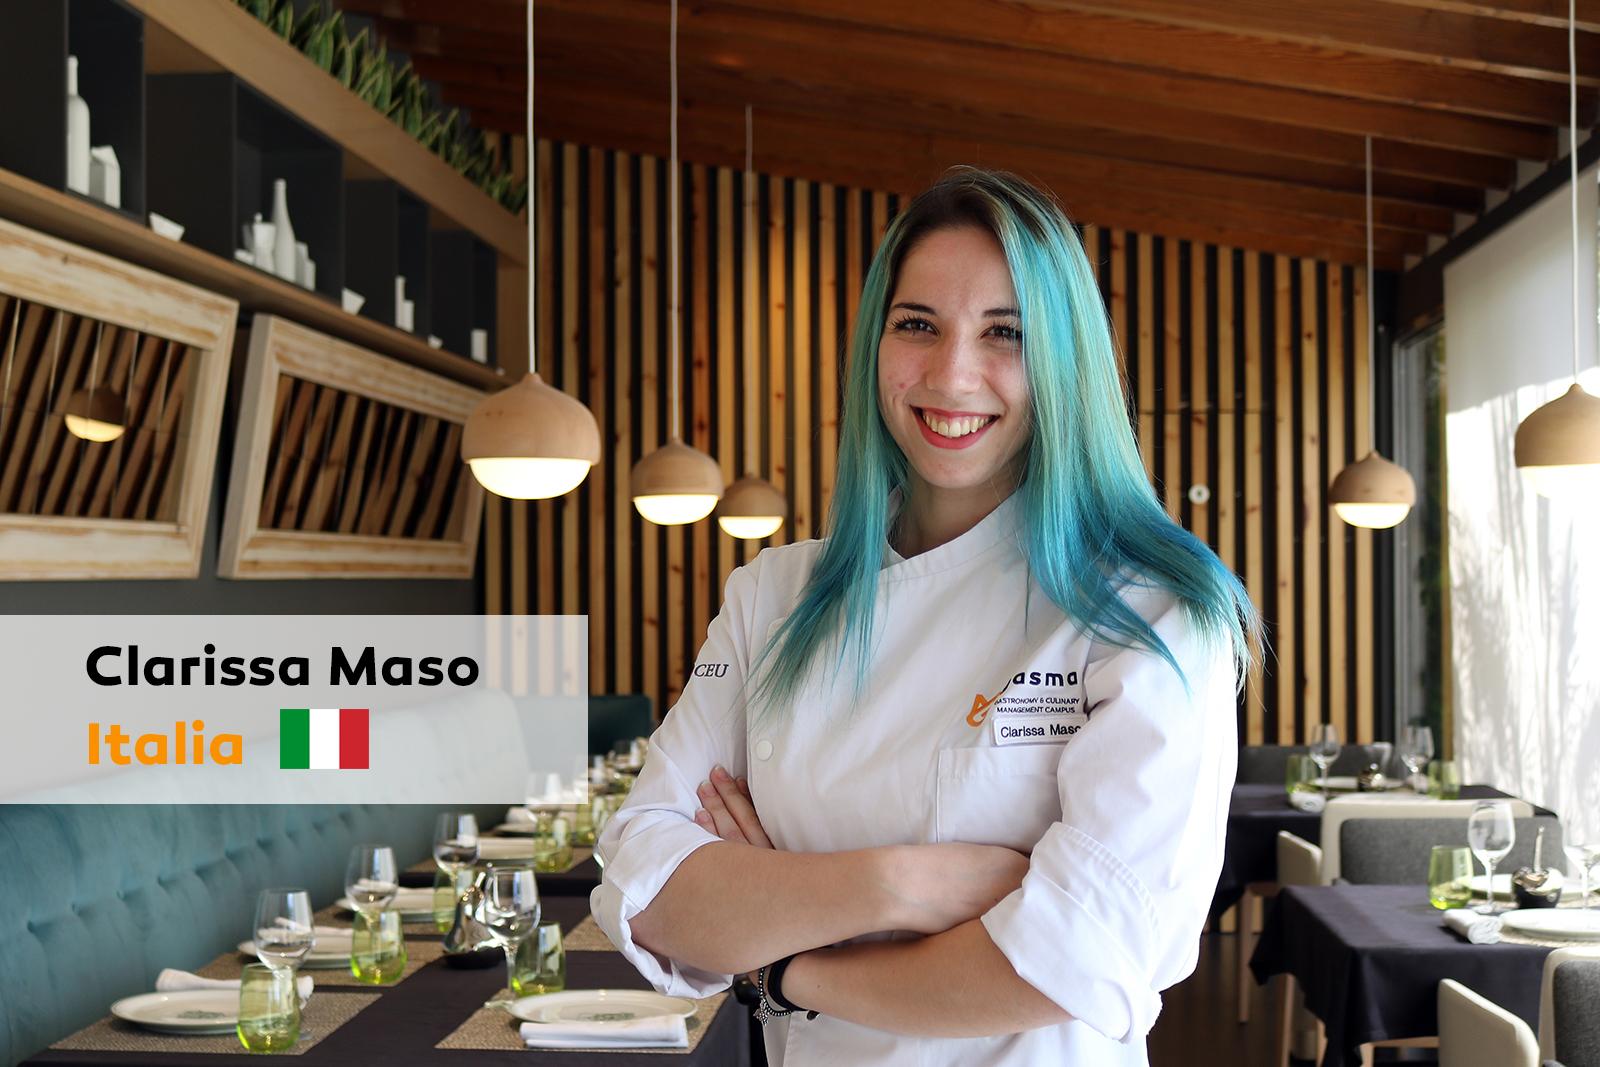 Clarissa Maso